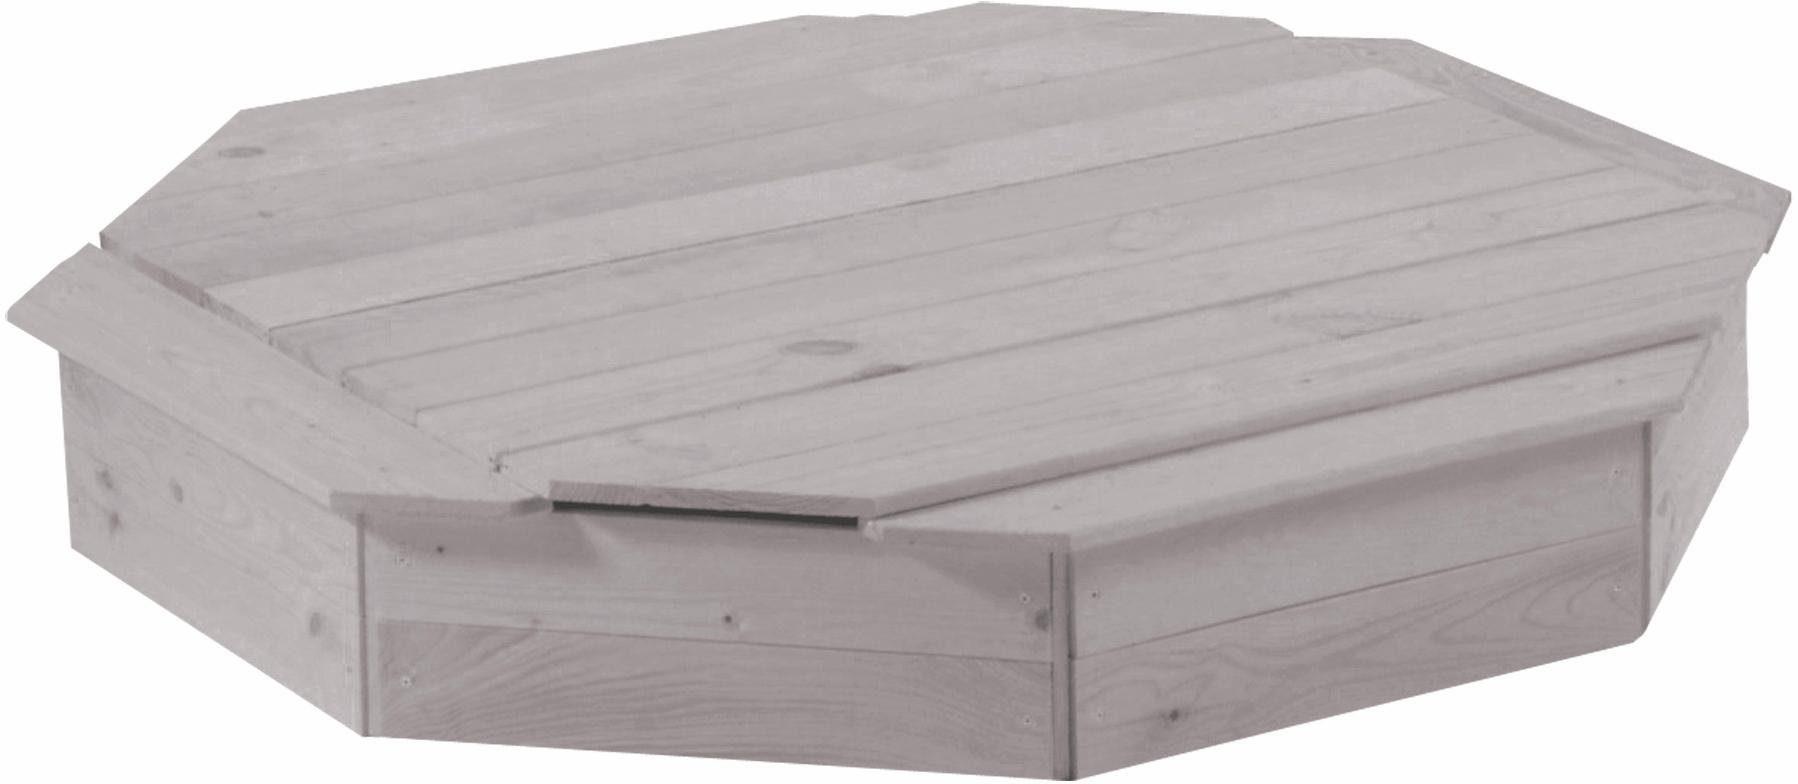 Roba Sandkasten, achteckig mit Deckel, B/T: ca. 134/134 cm